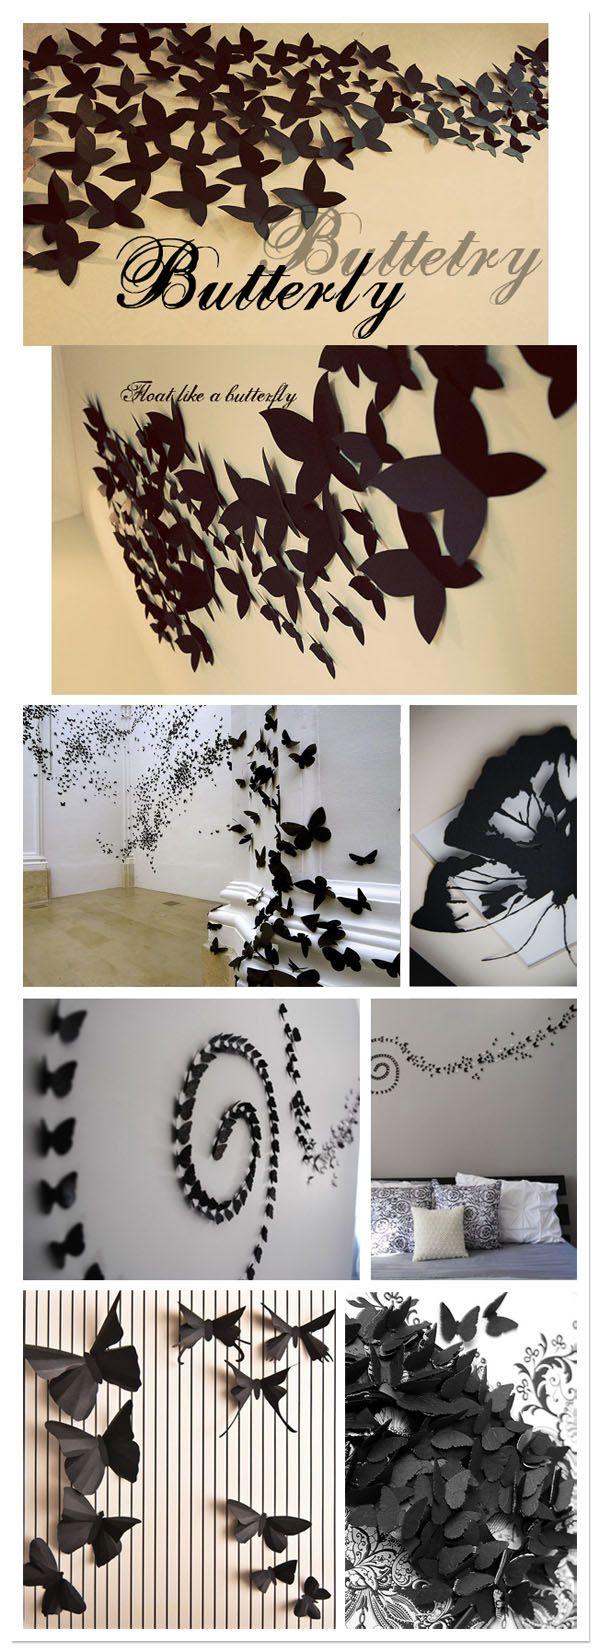 butterfly,butterflies,papillon,papillons,mariposa,mariposas,paper,papier,papel